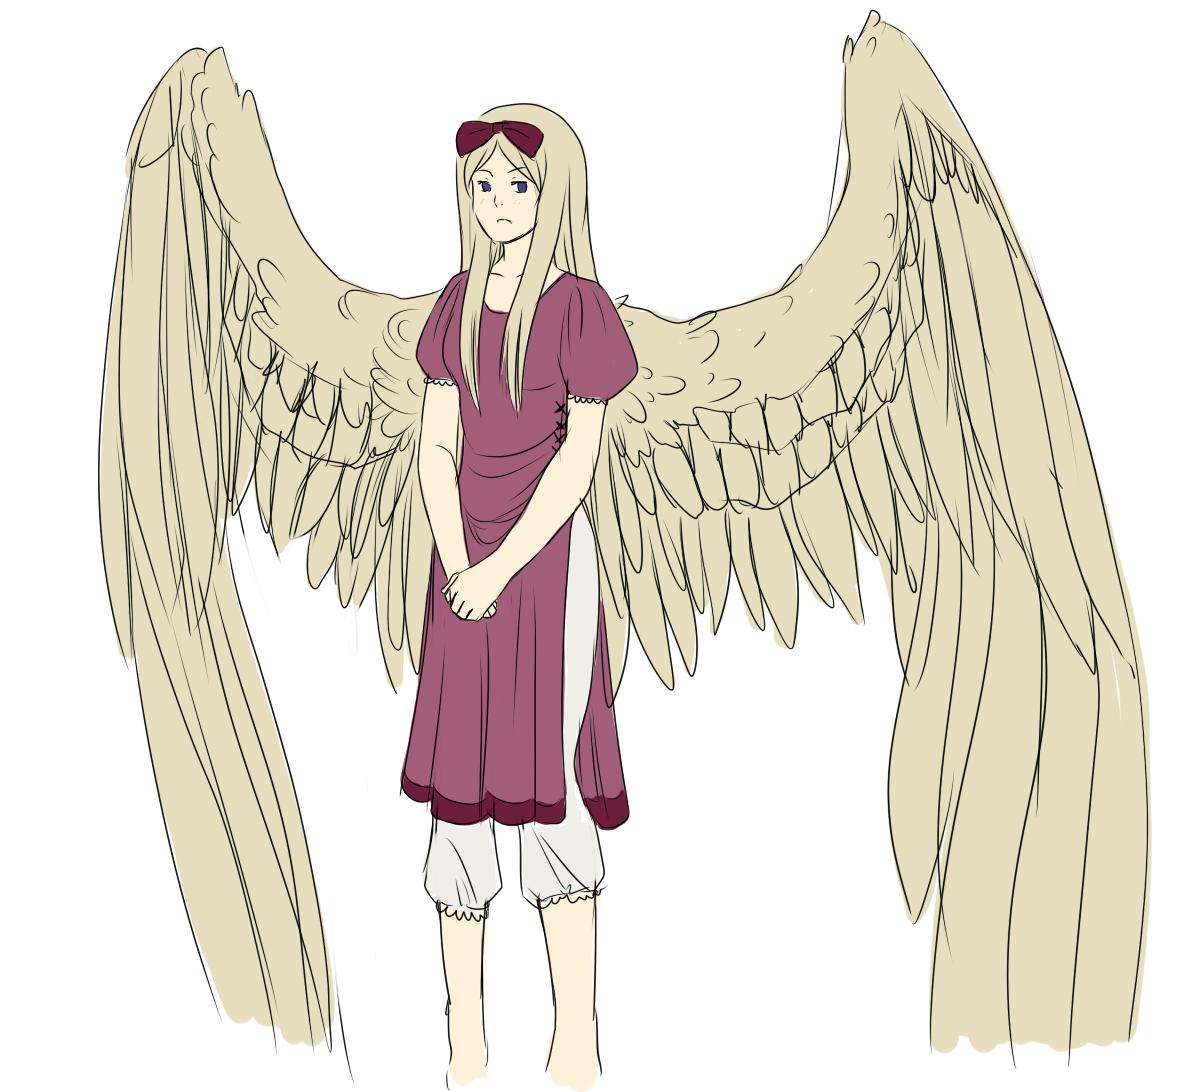 Belarus-Natalia Pale Sand Tinted Wings. Enjoys Cute